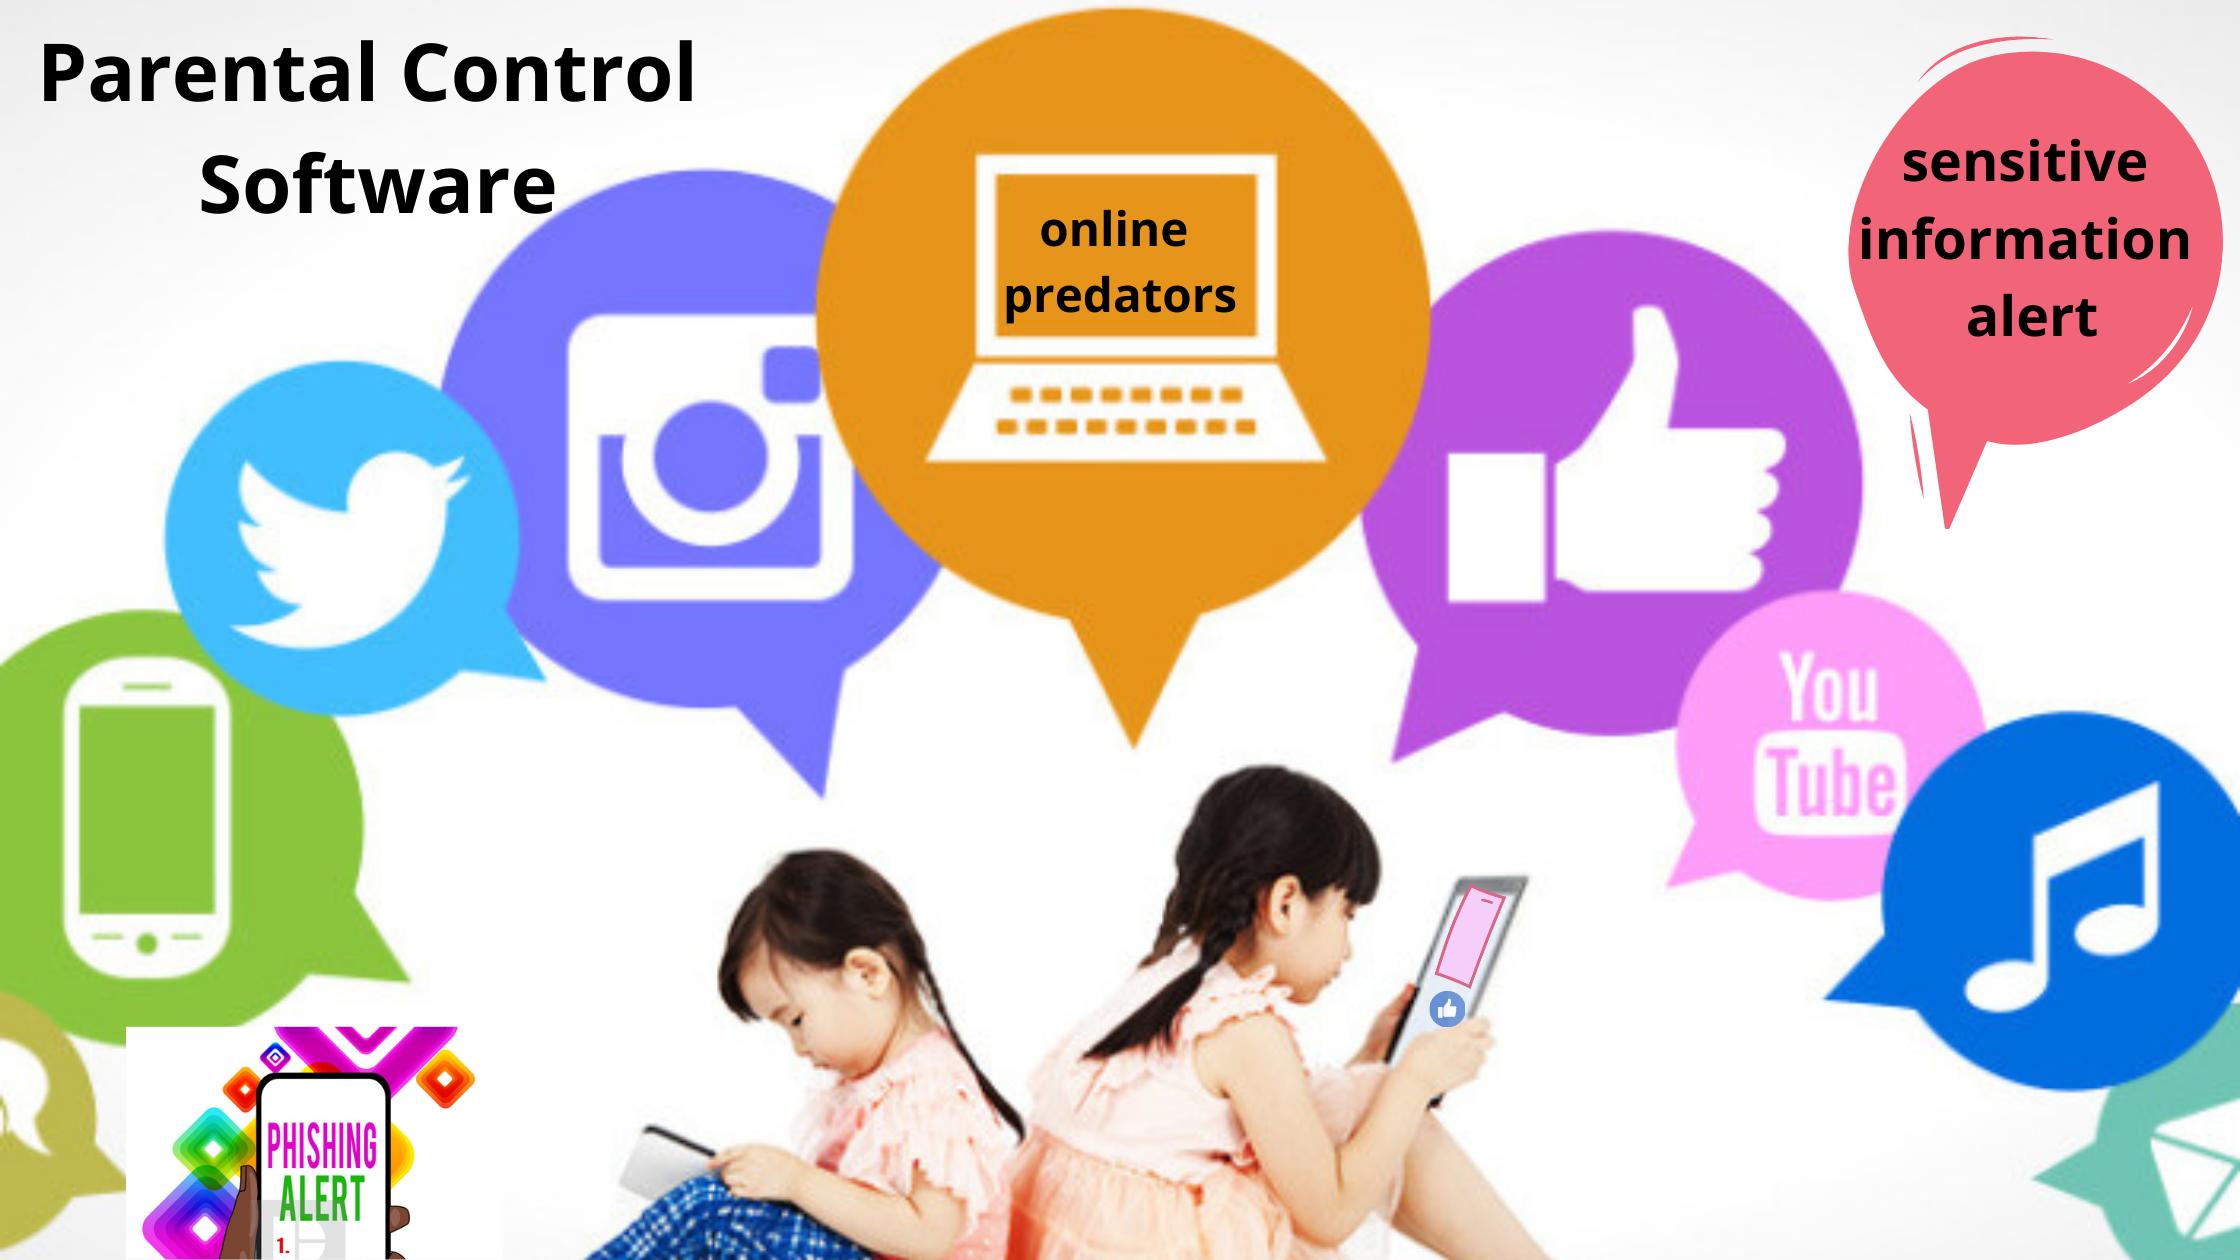 Monitor Kids activity on Social Media